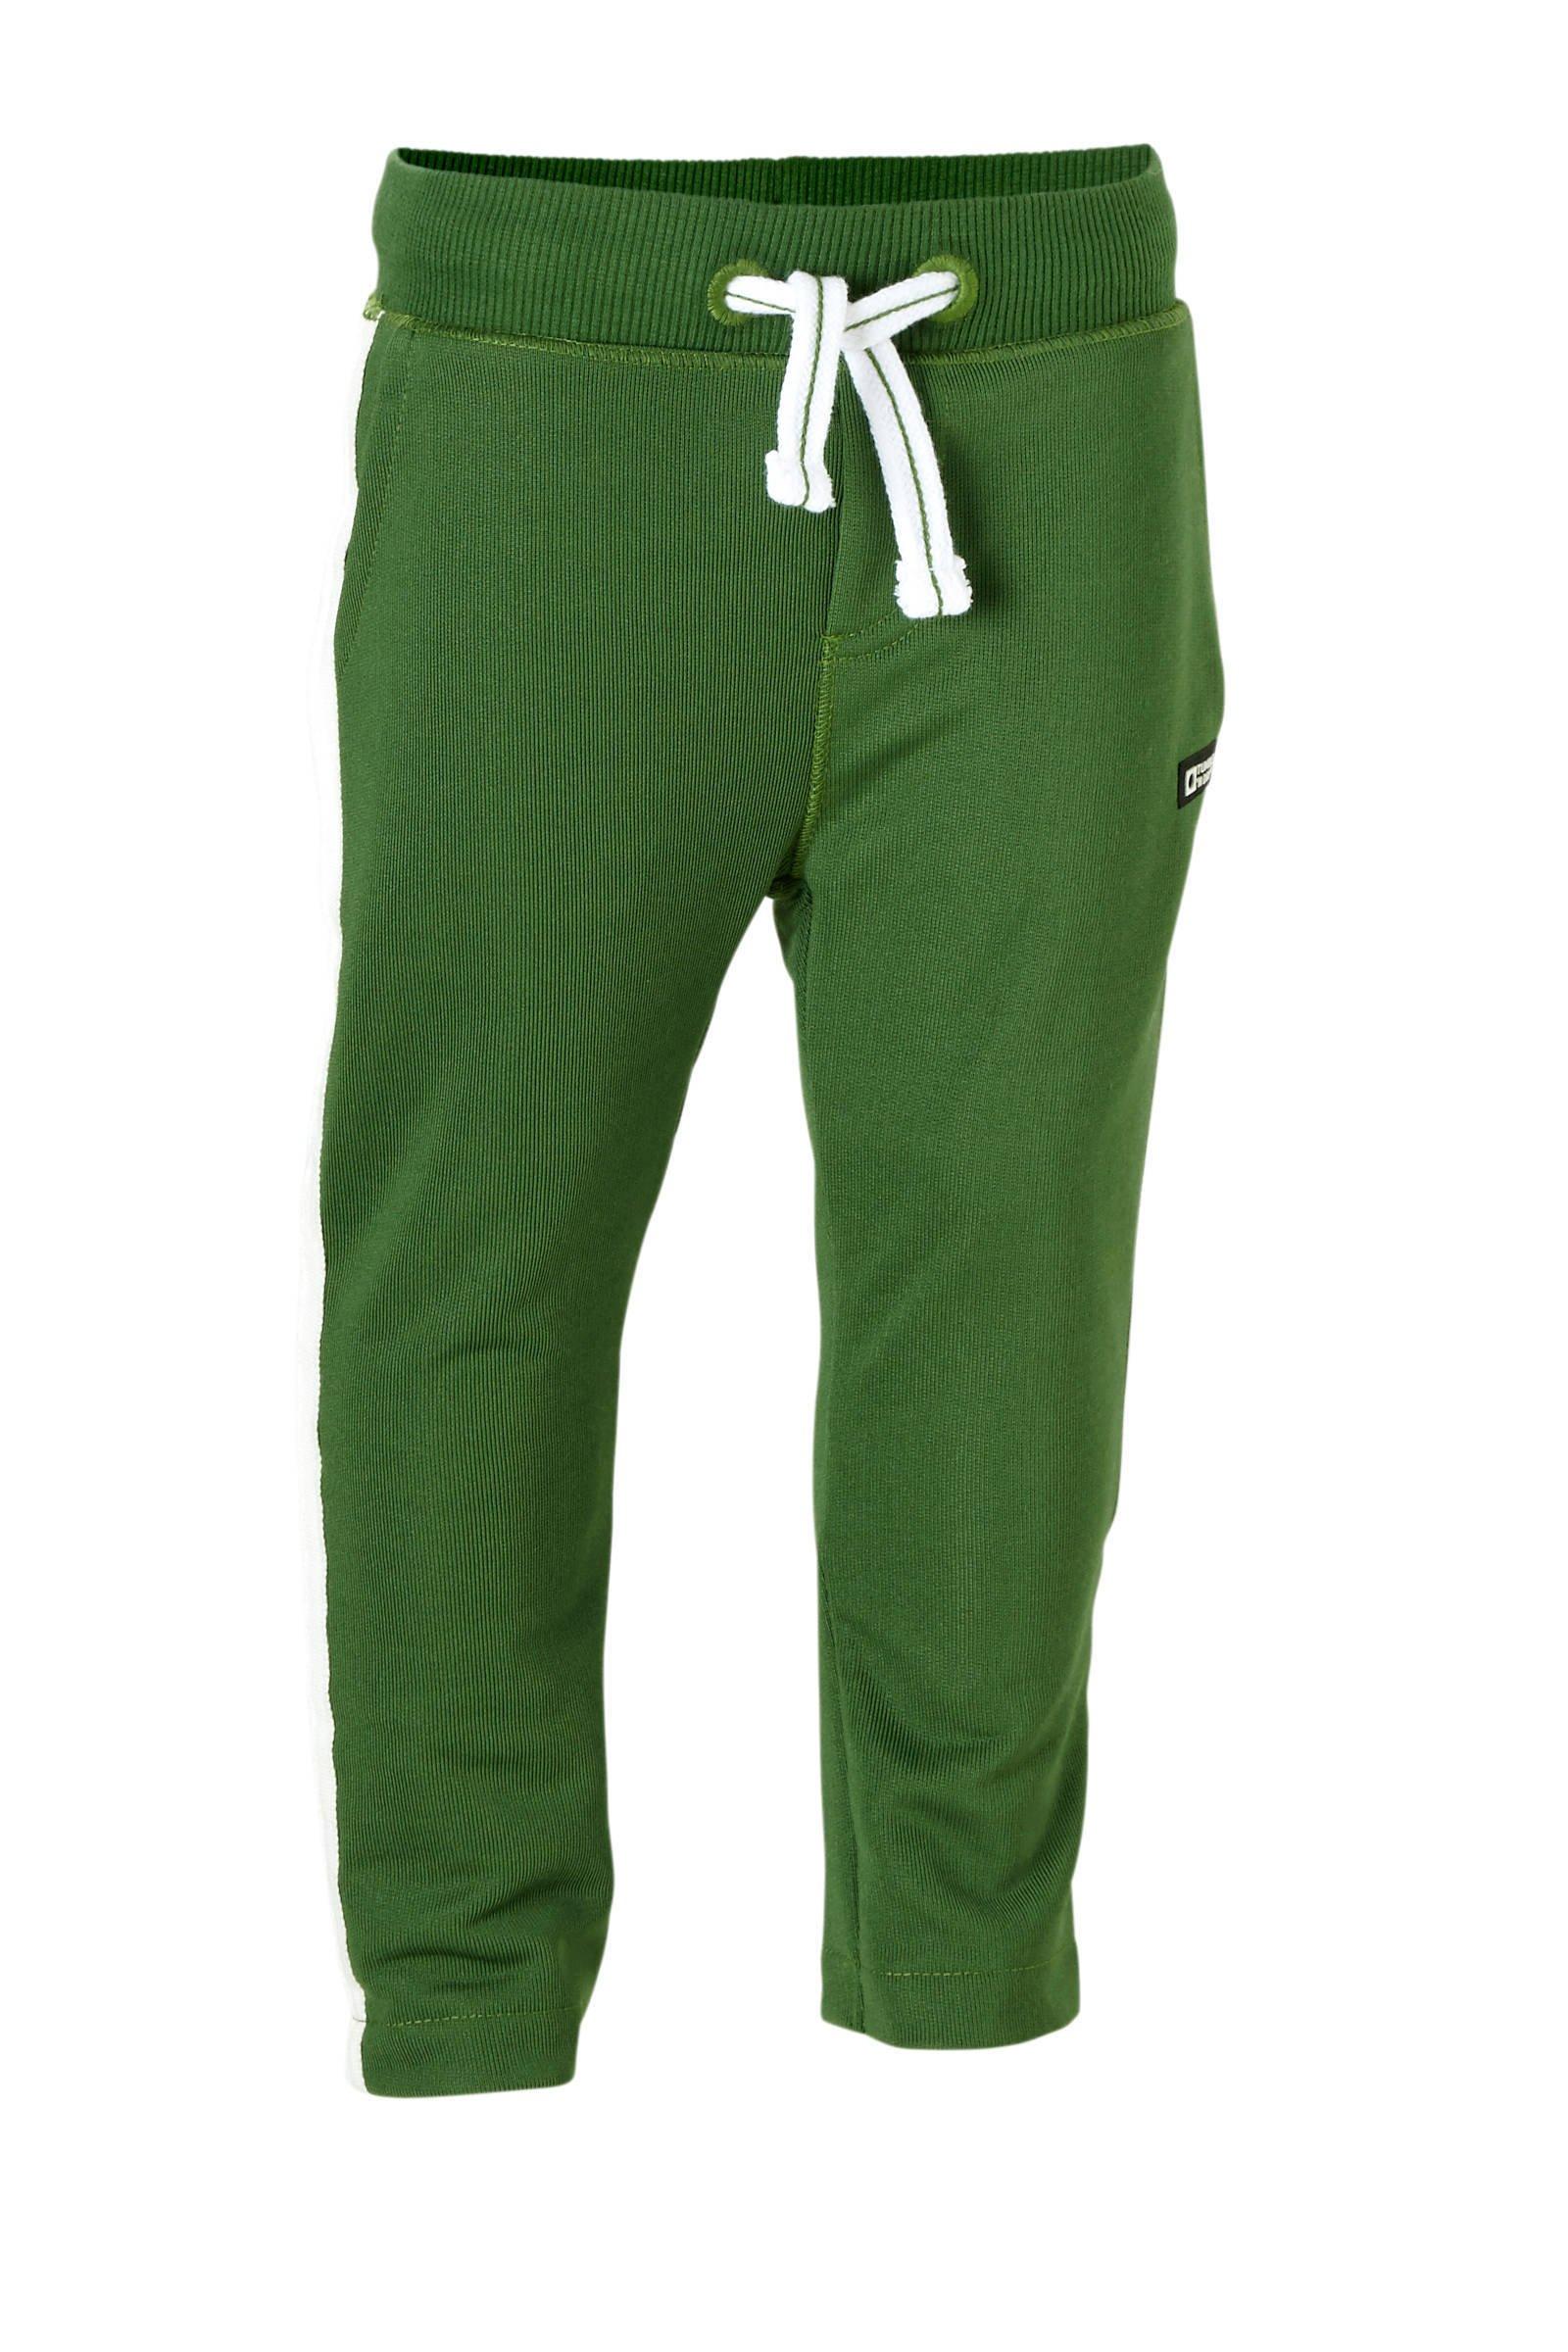 Tumble 'n Dry Lo sweatpants Kency groen (jongens)